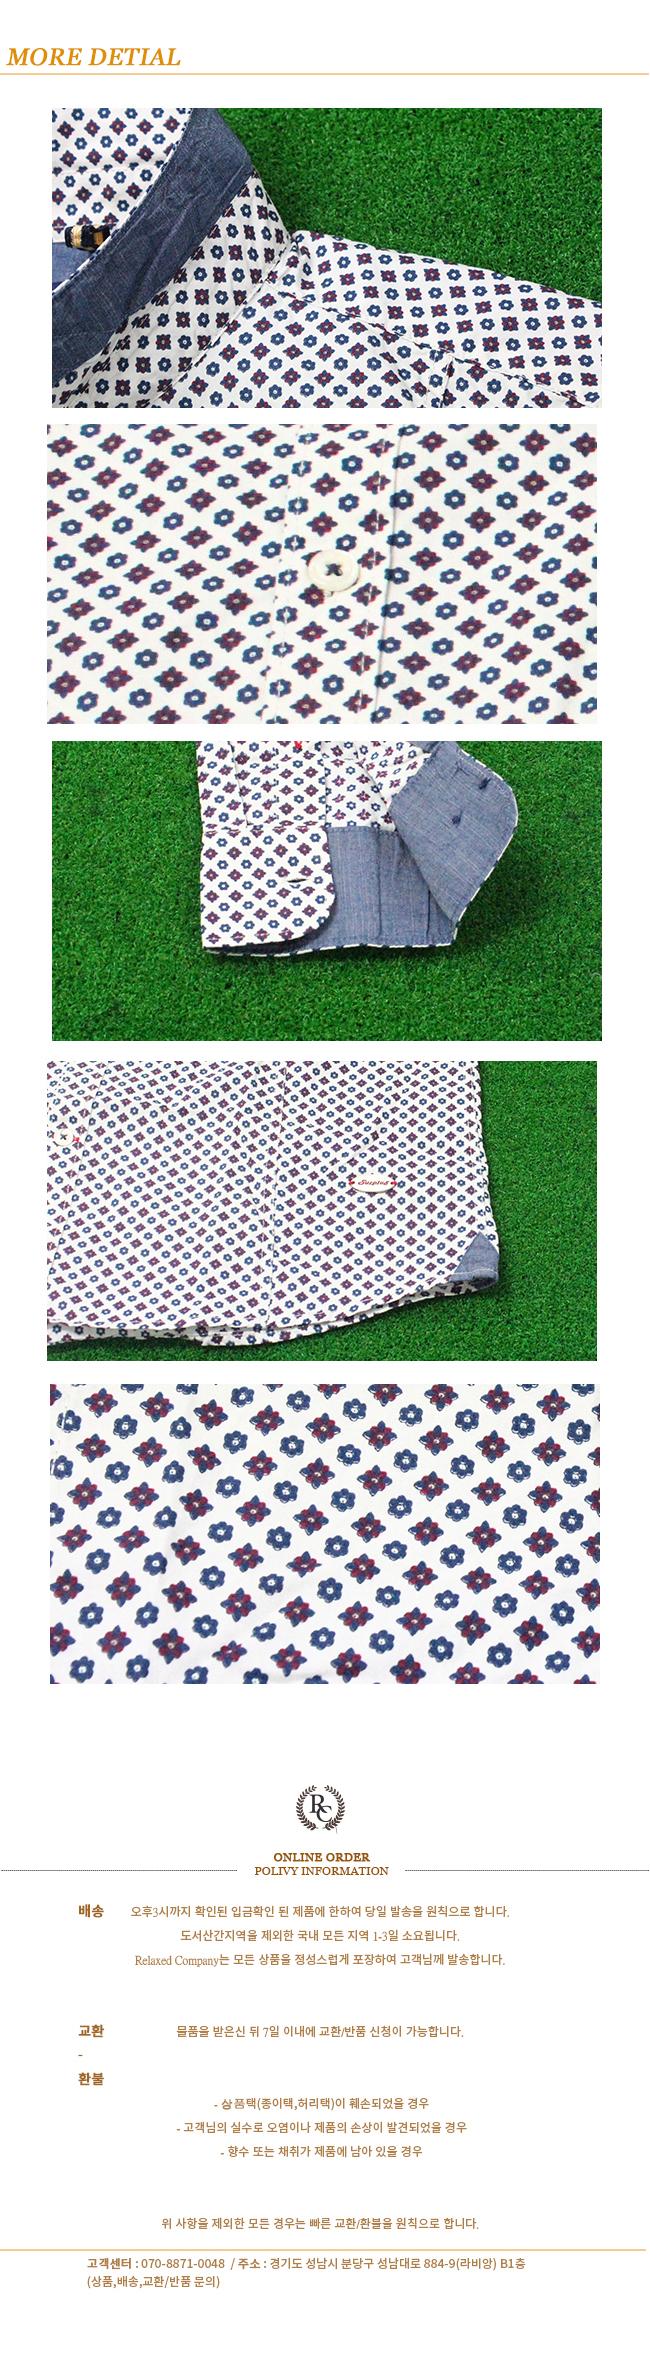 지아니루포(GIANNI LUPO) Sw218603 레트로 패턴드 셔츠(Wh)